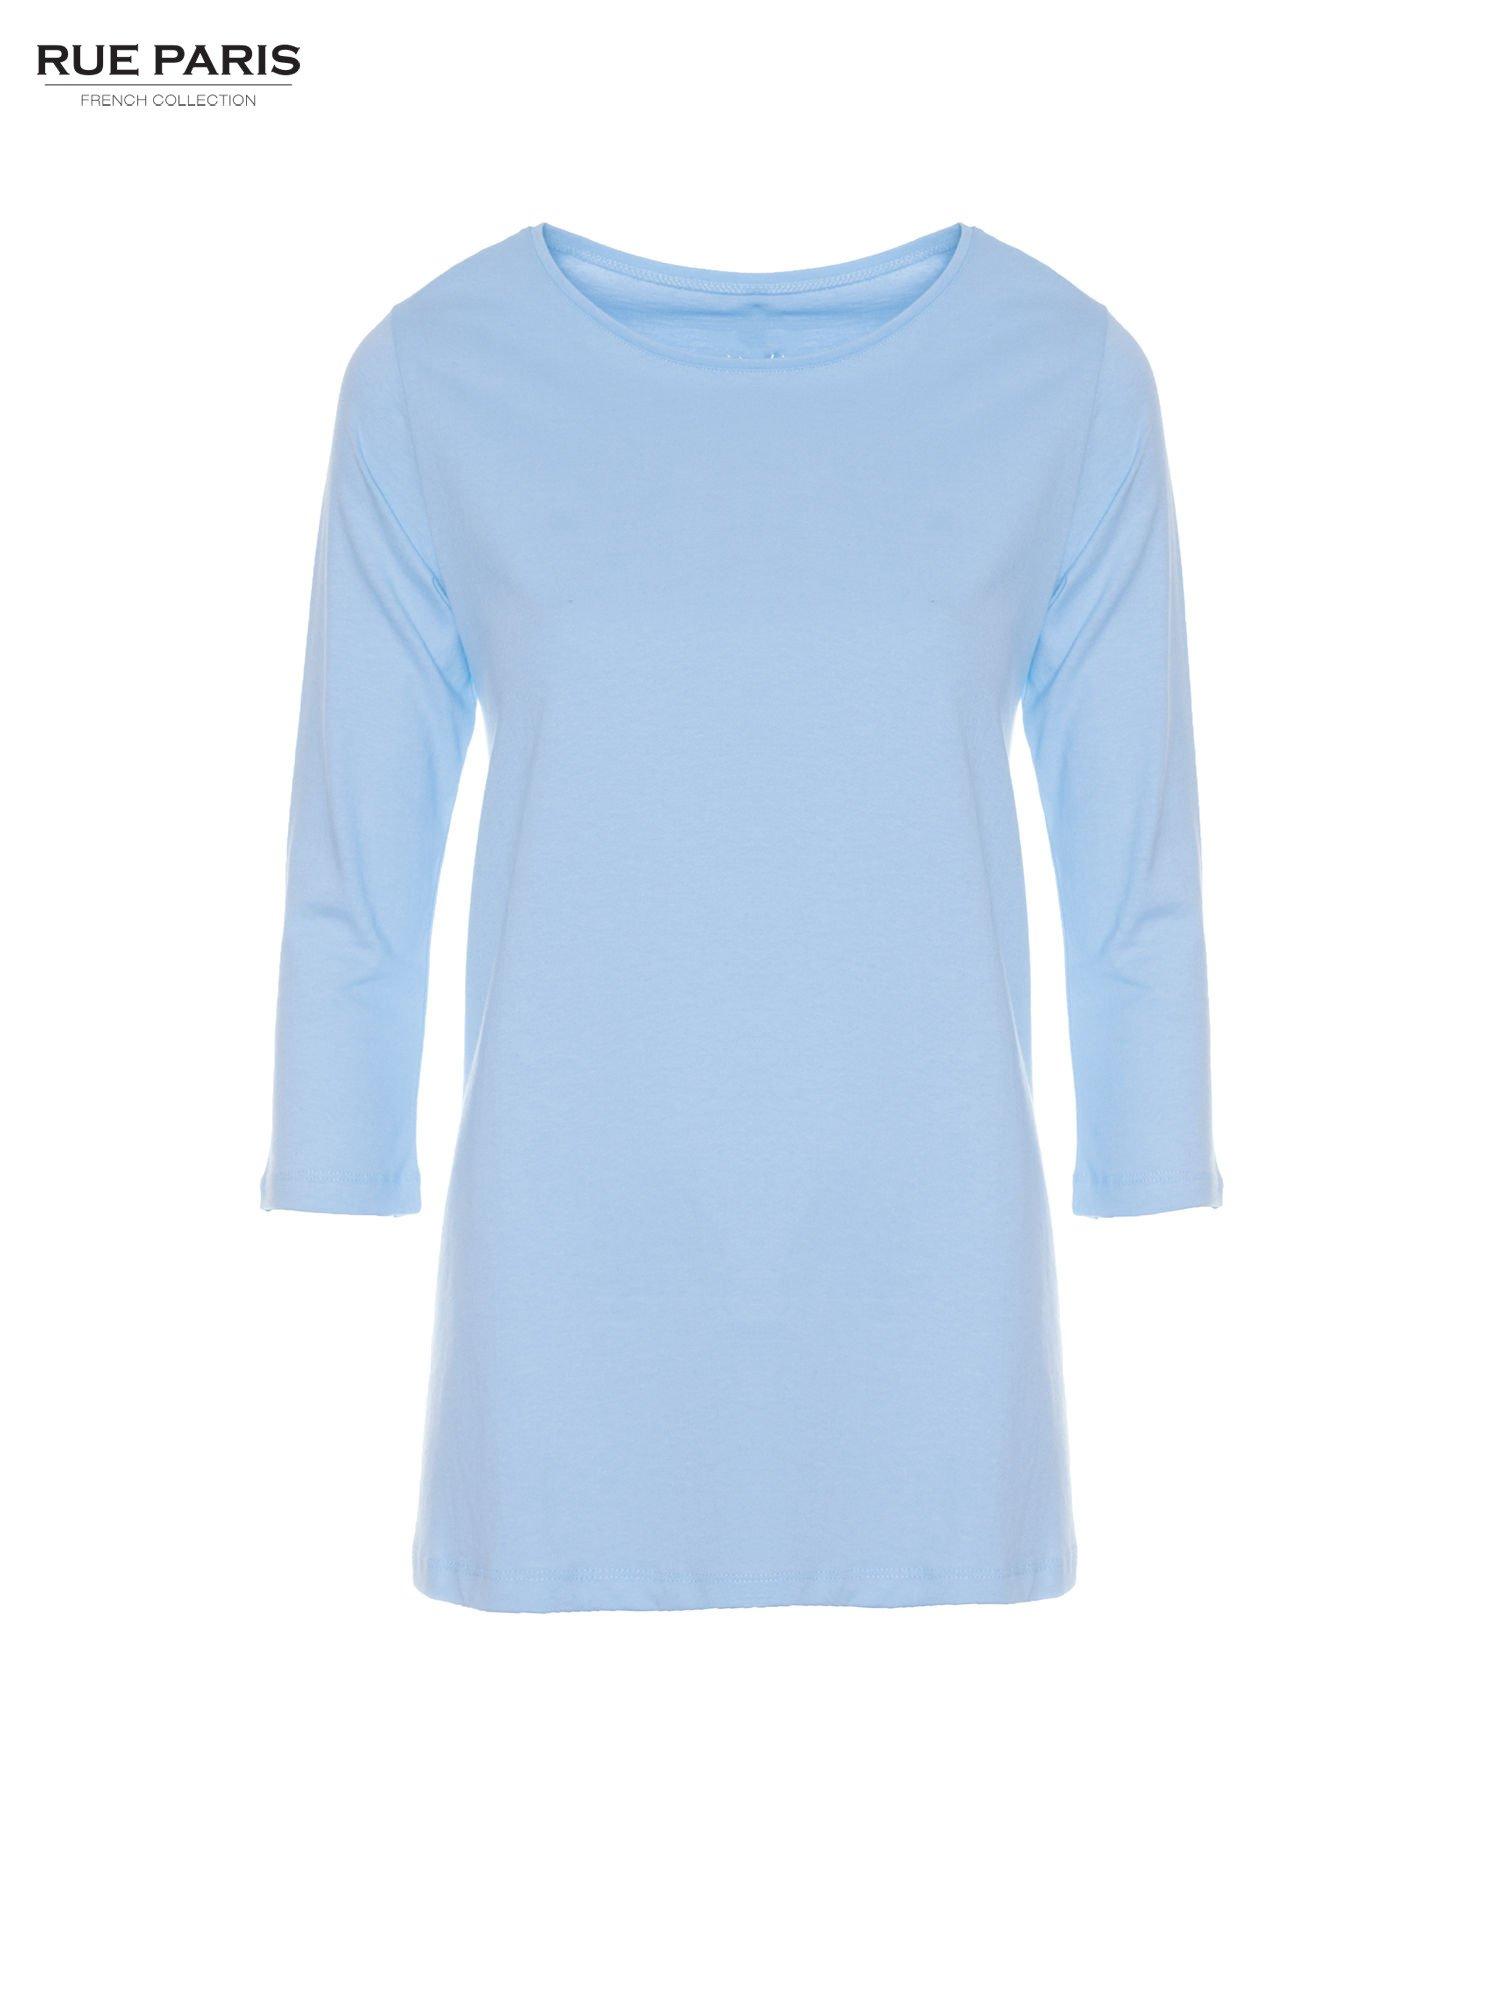 Niebieska bluzka o rozkloszowanym kroju z rękawem 3/4                                  zdj.                                  5